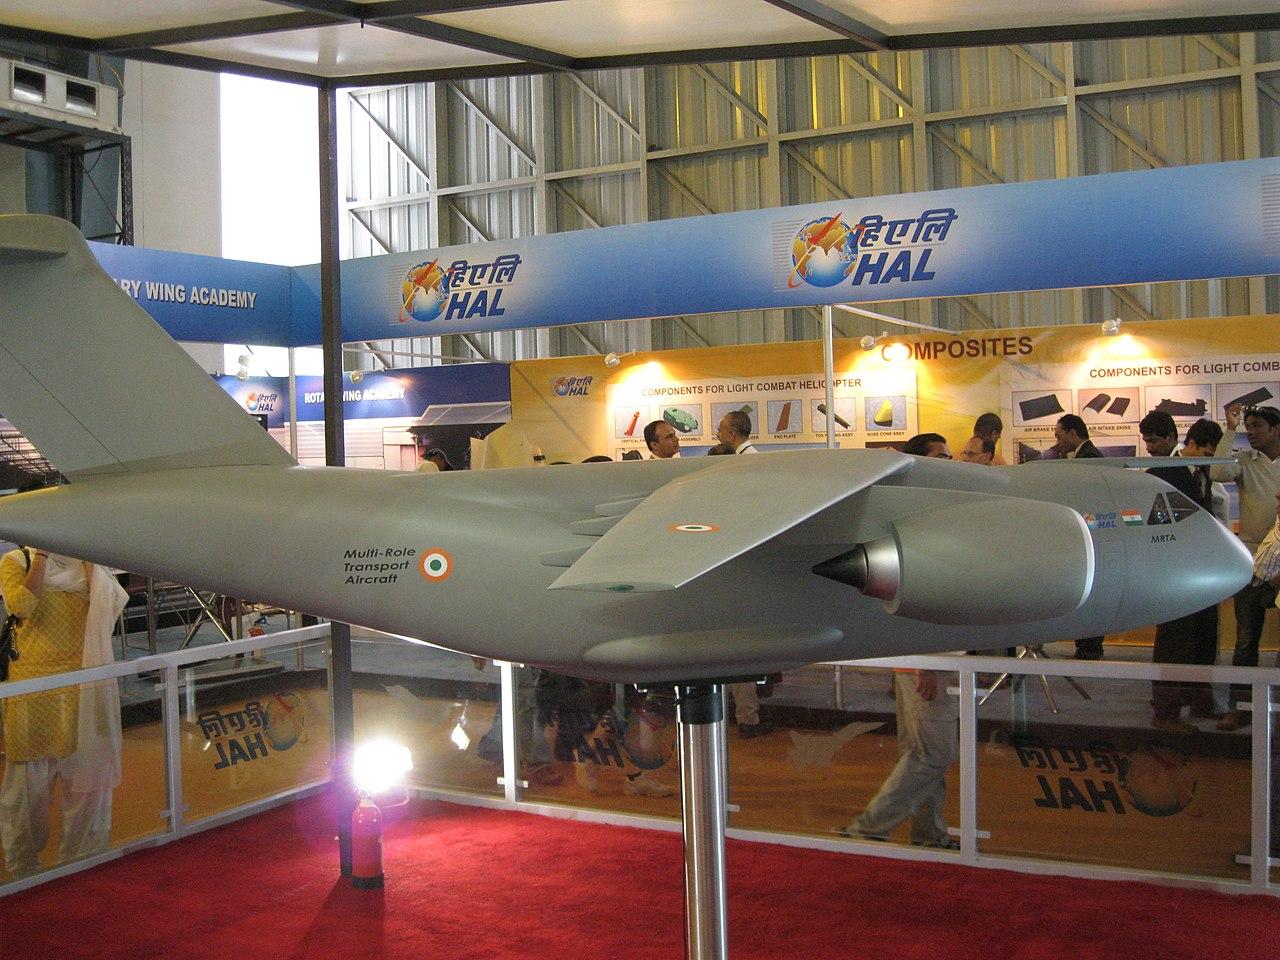 الصناعة العسكرية اليابانية,,,ماذا بعد؟! - صفحة 2 1280px-Hal_MRTA